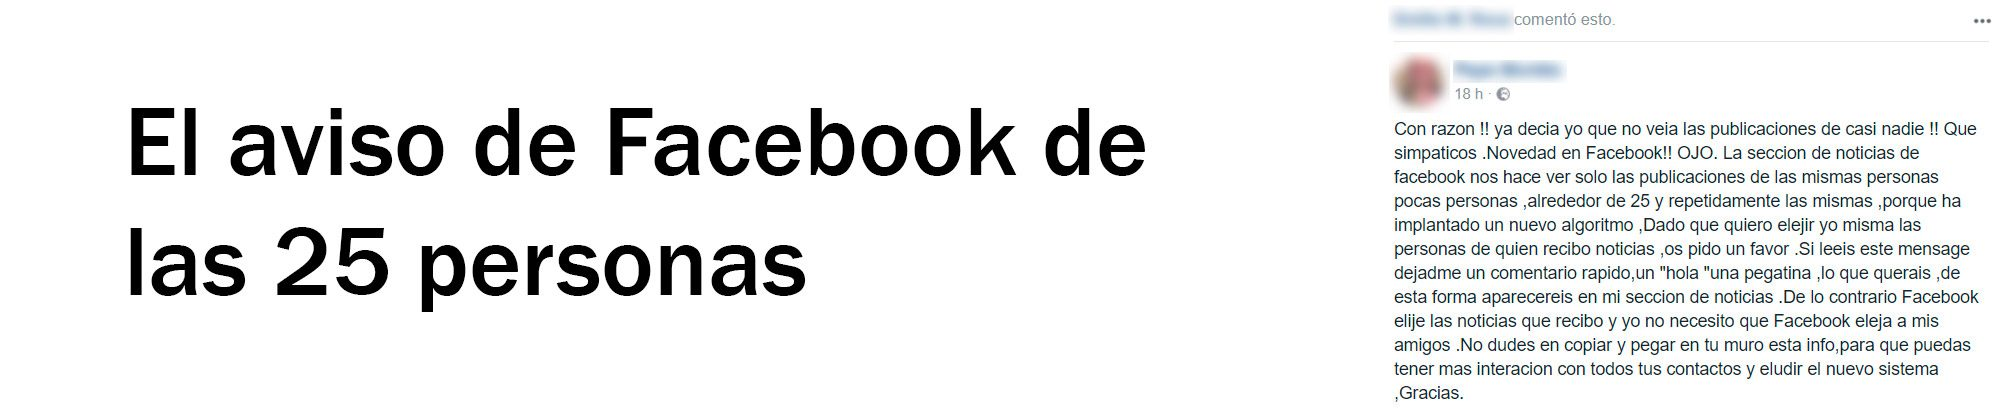 El aviso de Facebook de las 25 personas